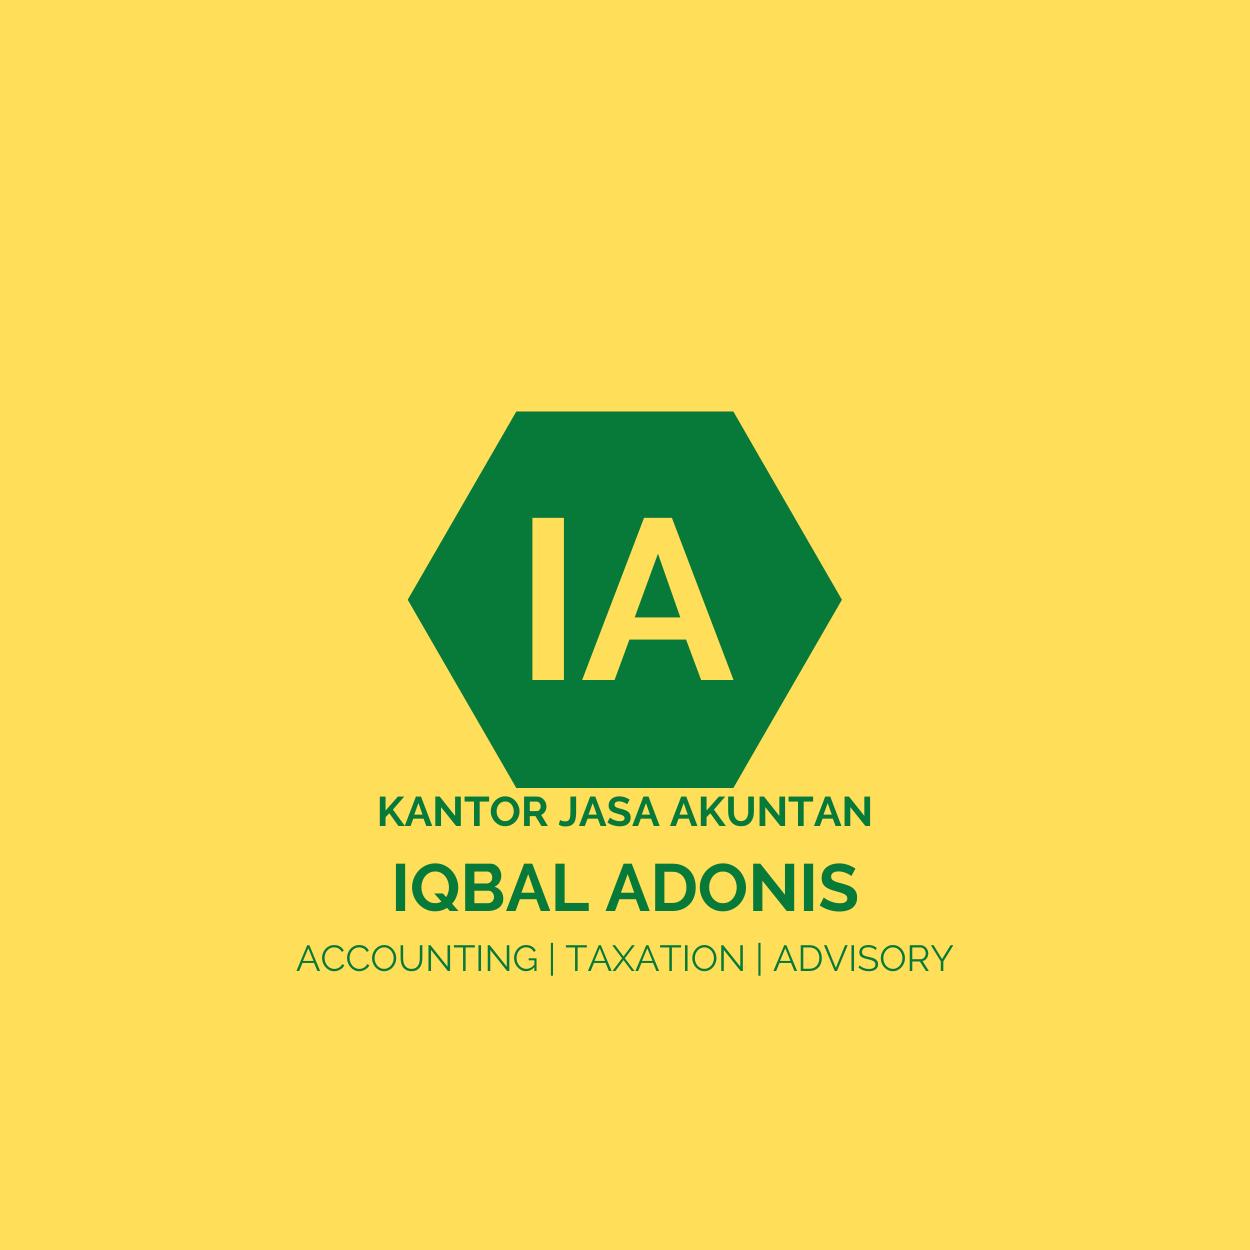 Kantor Jasa Akuntan IQBAL ADONIS